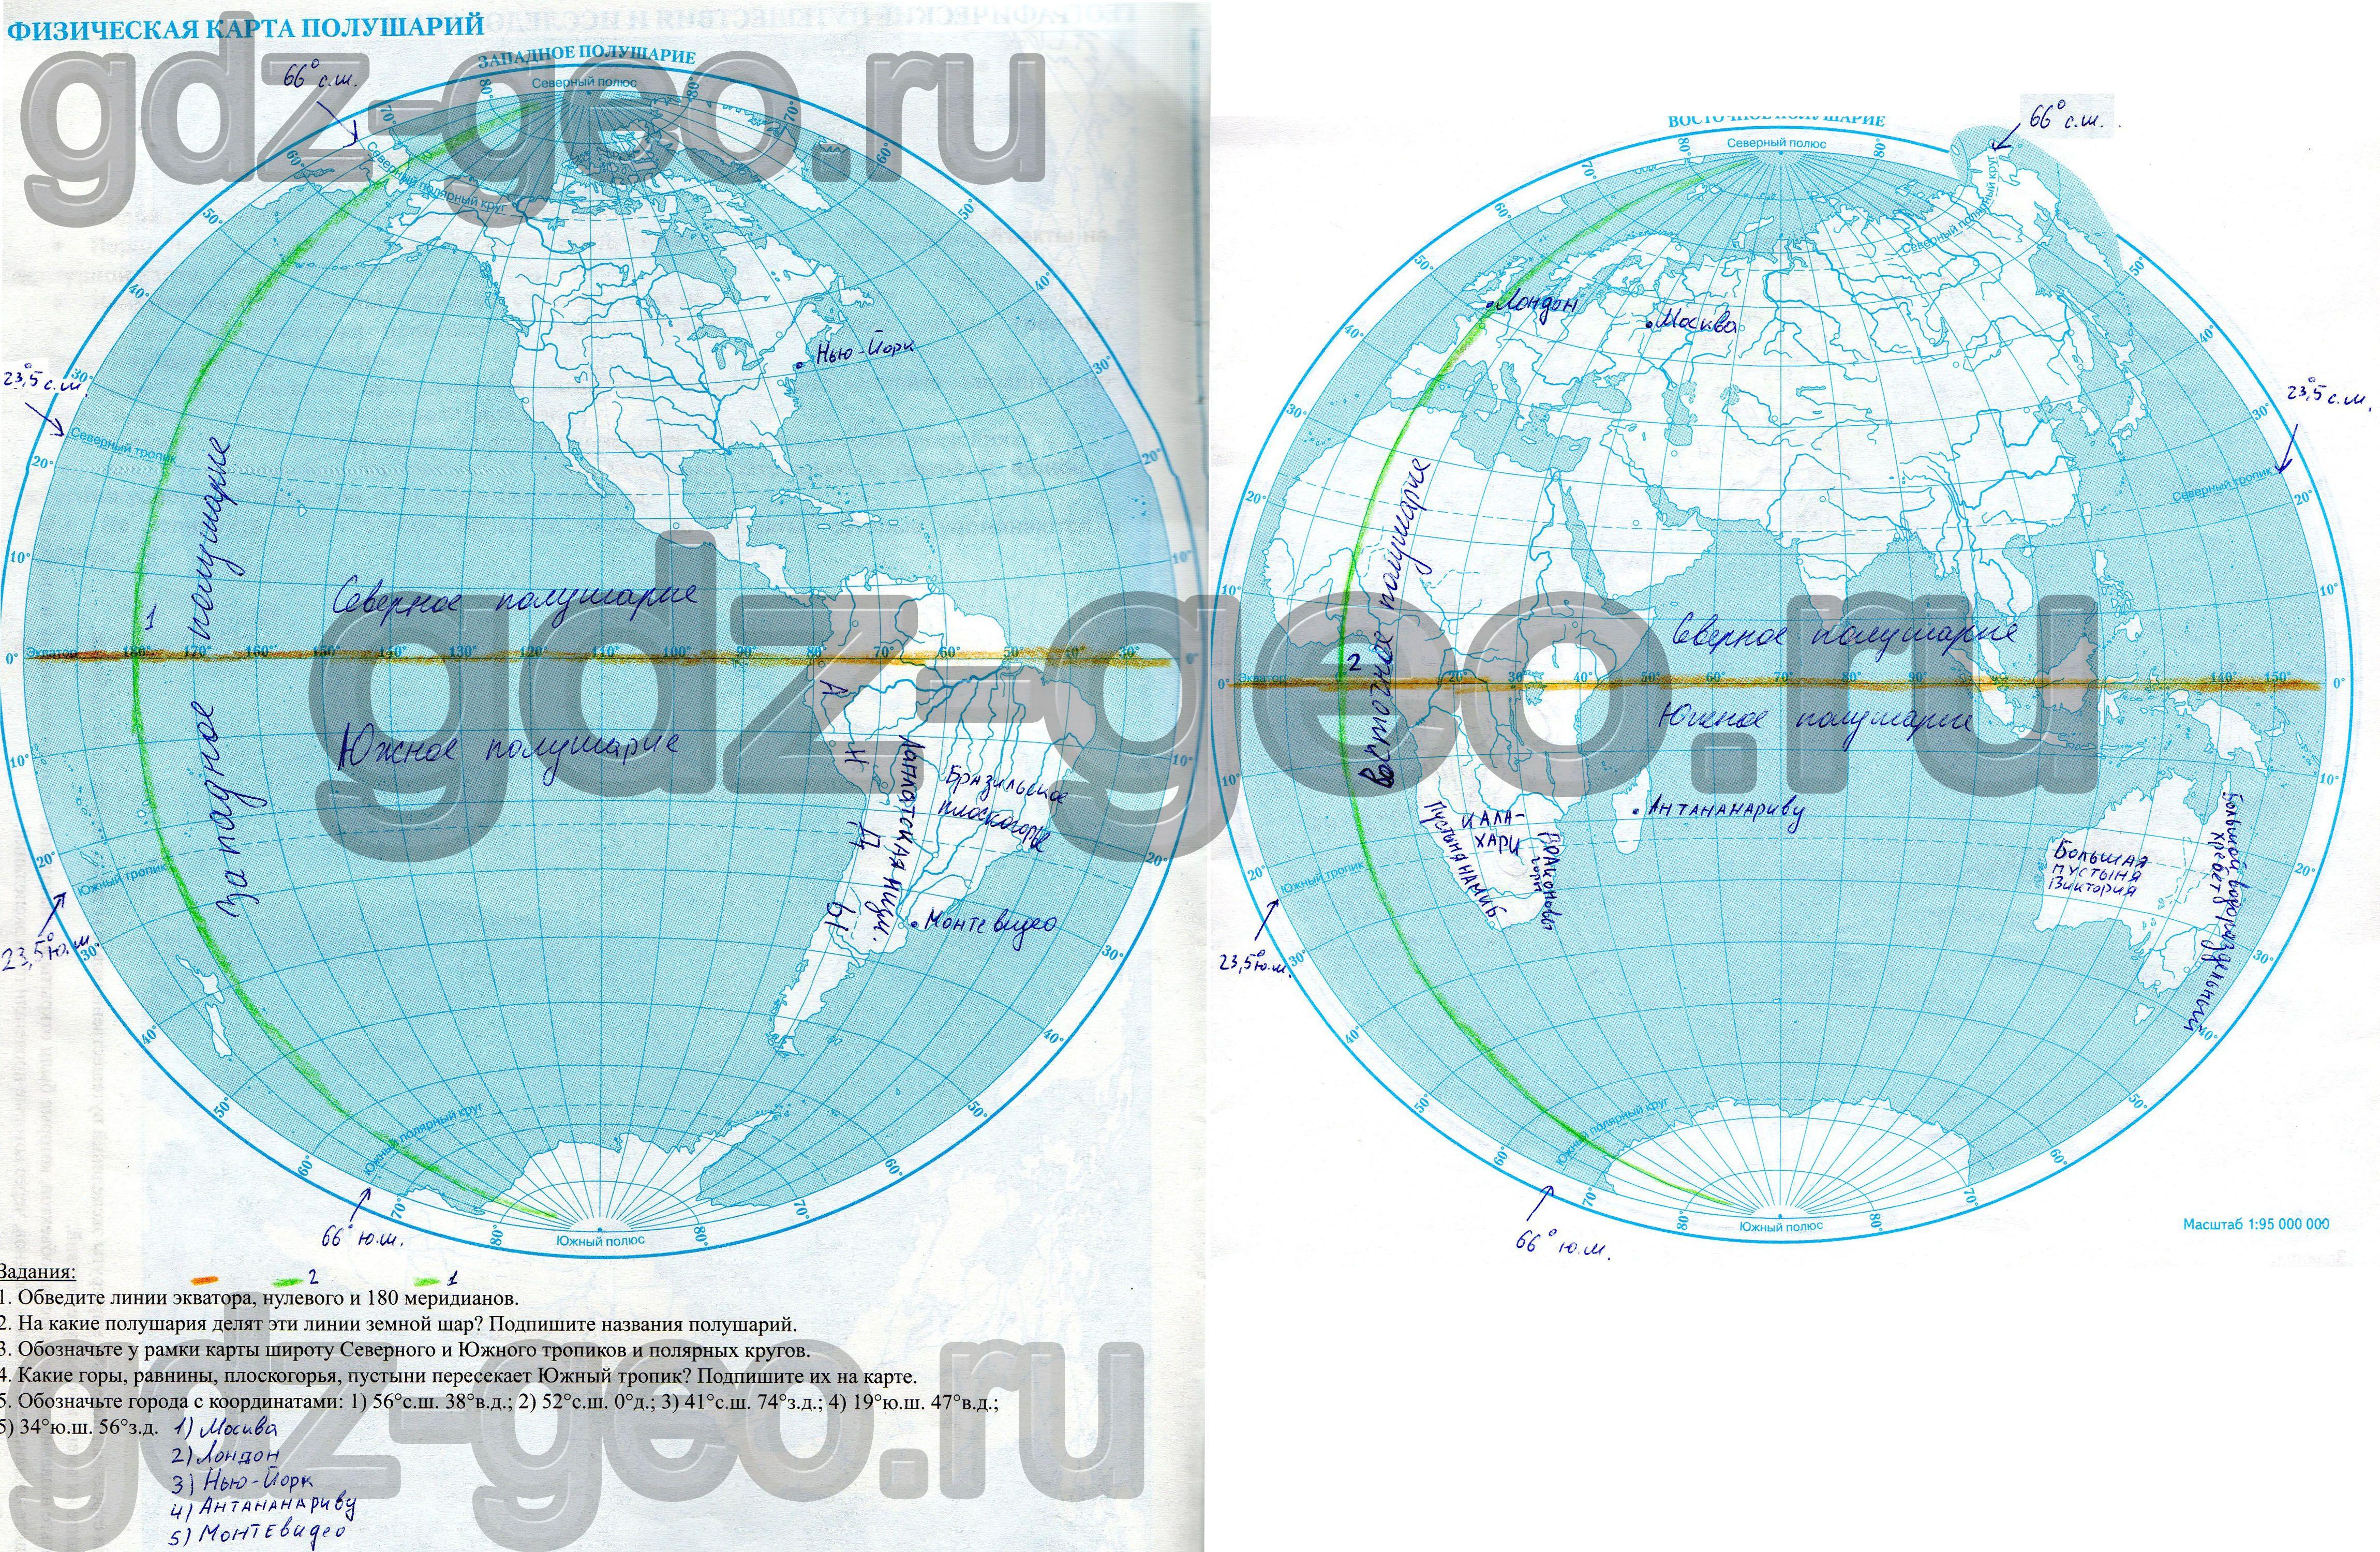 Гдз по географии 6 класс герасимова контурные карты списать.ру